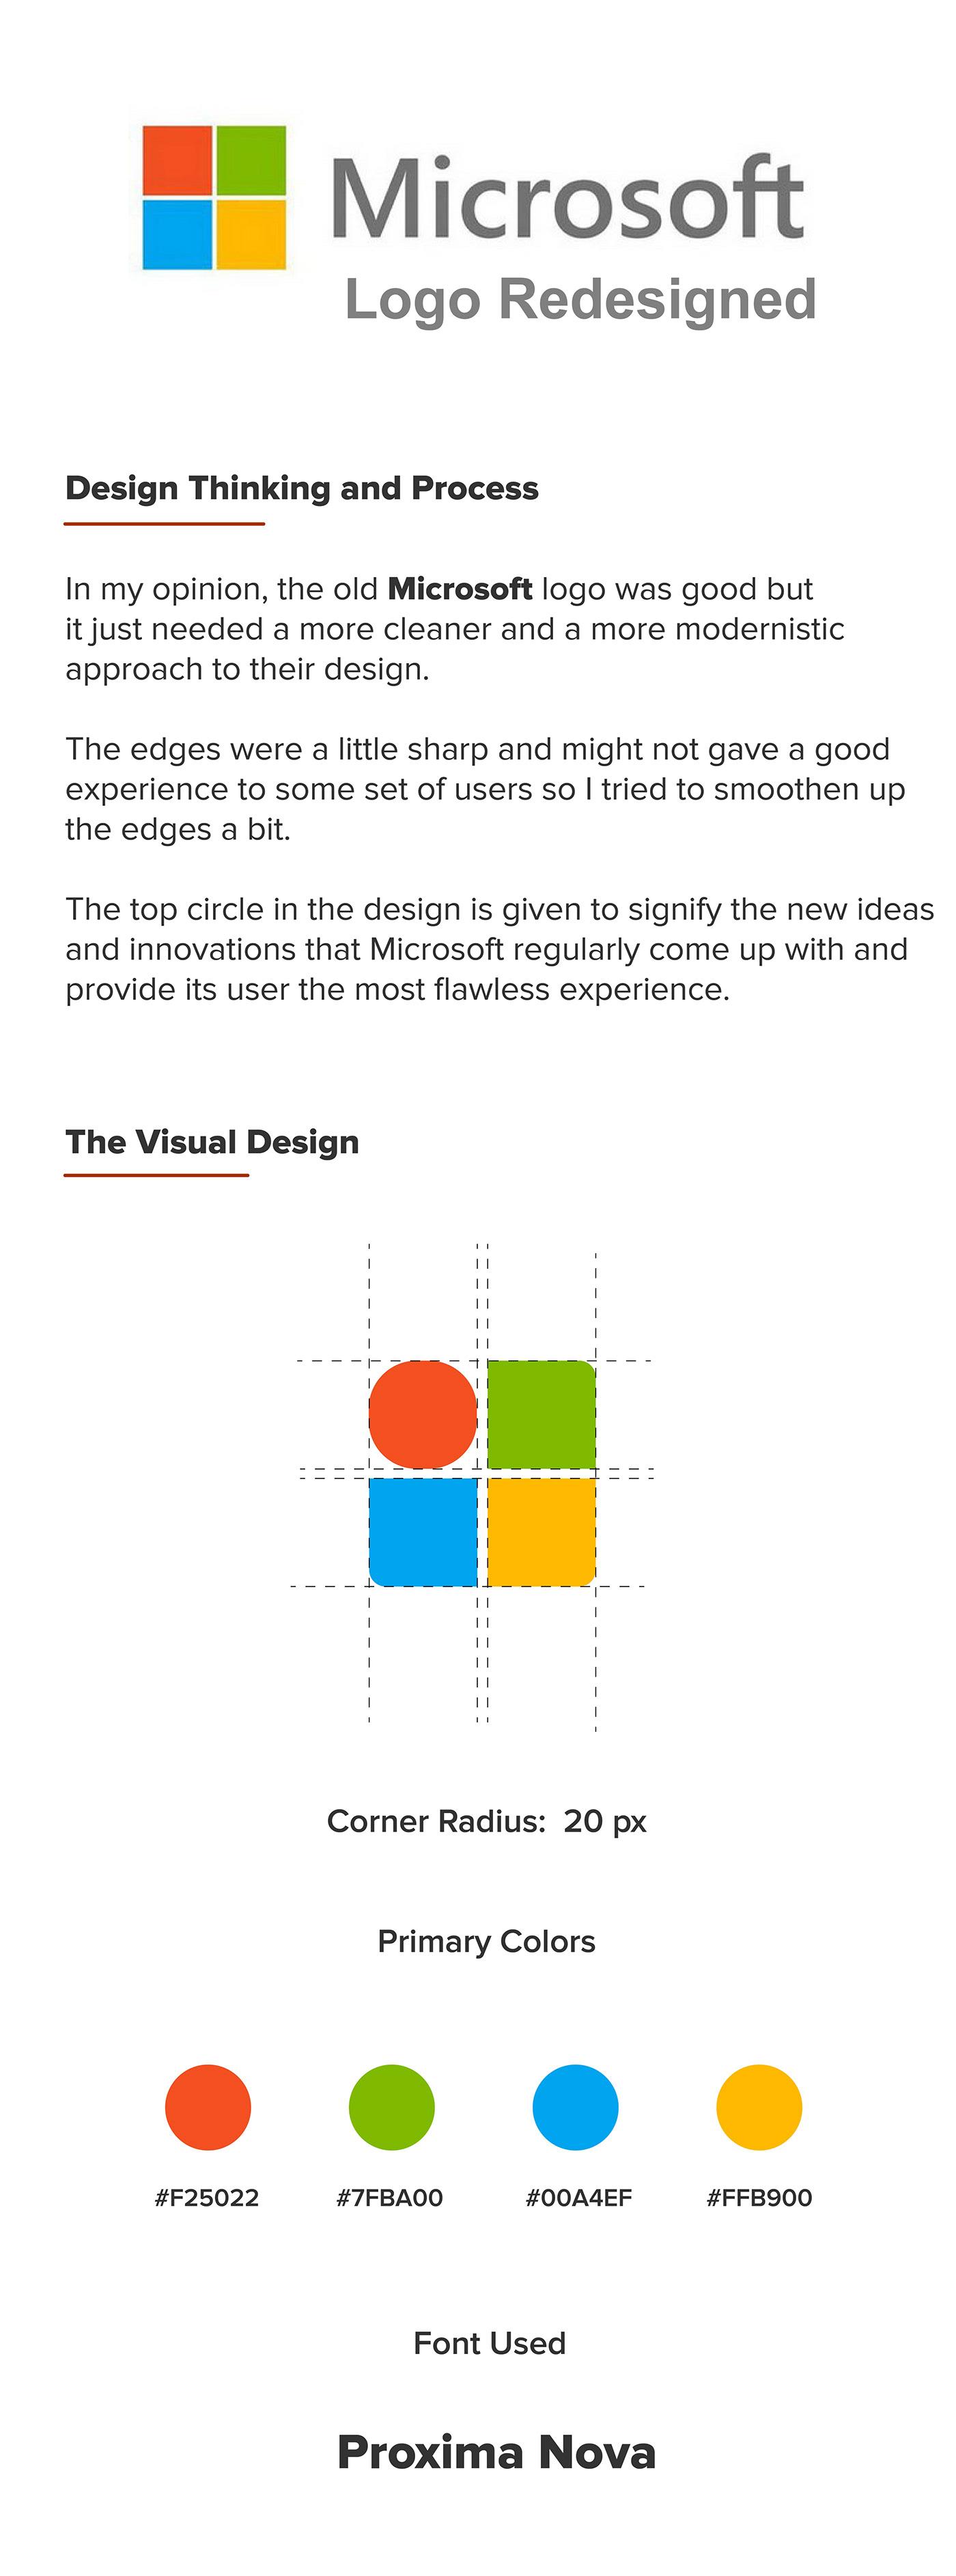 brandidentity graphicdesign identitydesign logo logodesign logoideas logoinspiration logoredesign microsoftlogo redesign